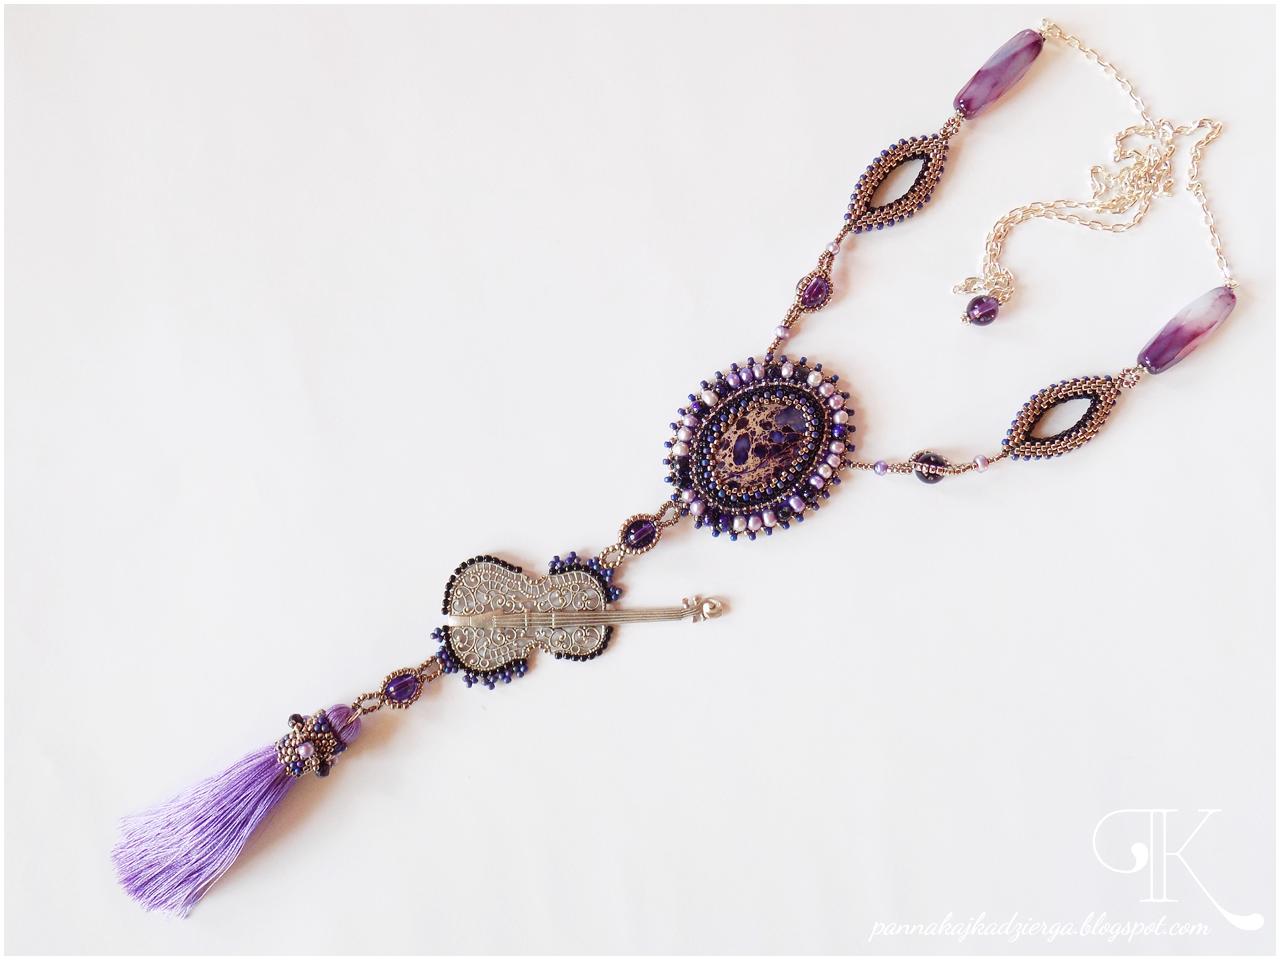 koraliki, perły, wisior, beading, brich stitch, agat, kwarc, jaspis, kaboszon, taśma cyrkoniowa, biżuteria, handmade, rękodzieło,